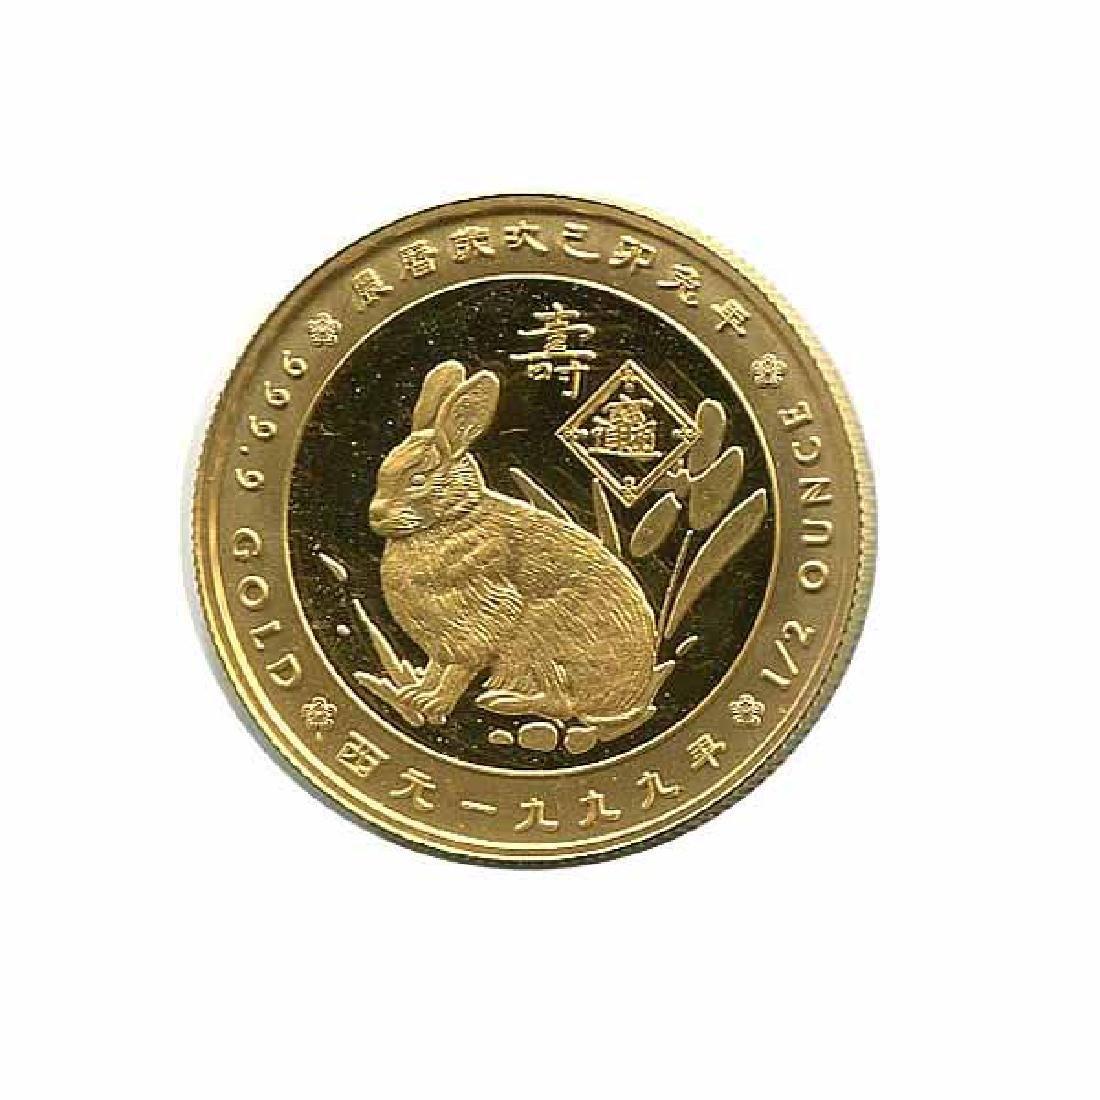 Zambia 10000 Kwacha Gold PF 1999 Year of the Rabbit